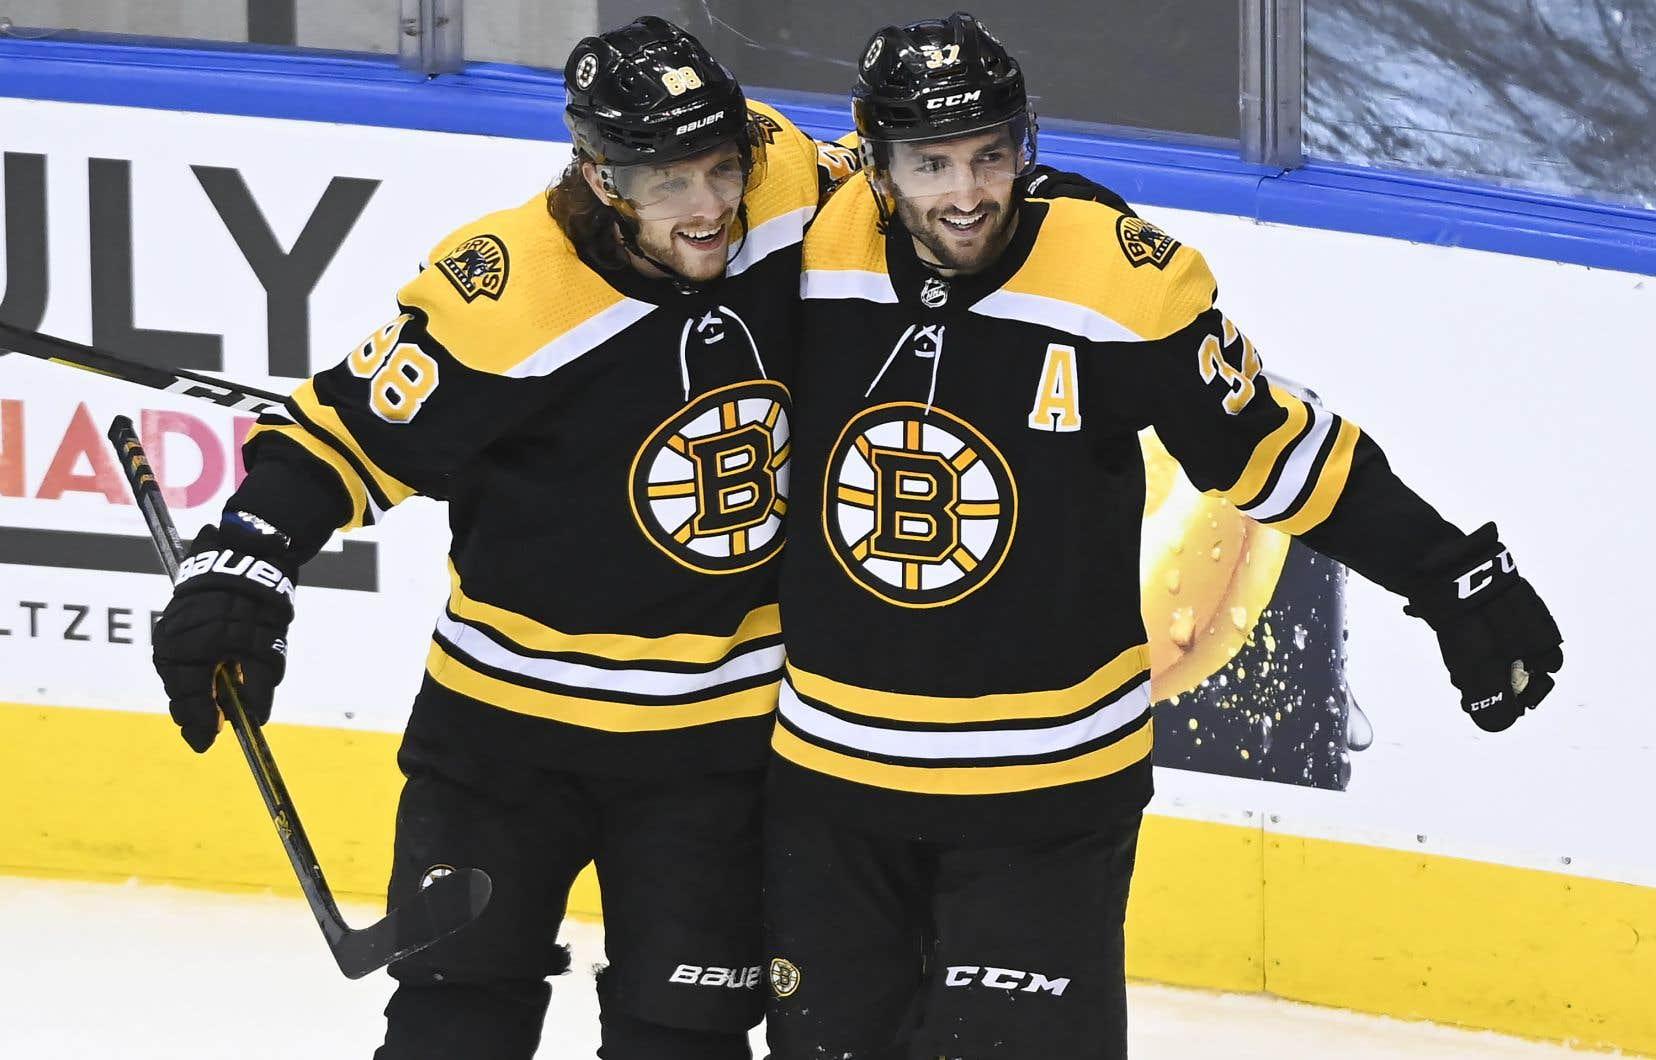 David Pastrnak et Patrice Bergeron, qui a marqué le but victorieux mercredi pour les Bruins de Boston